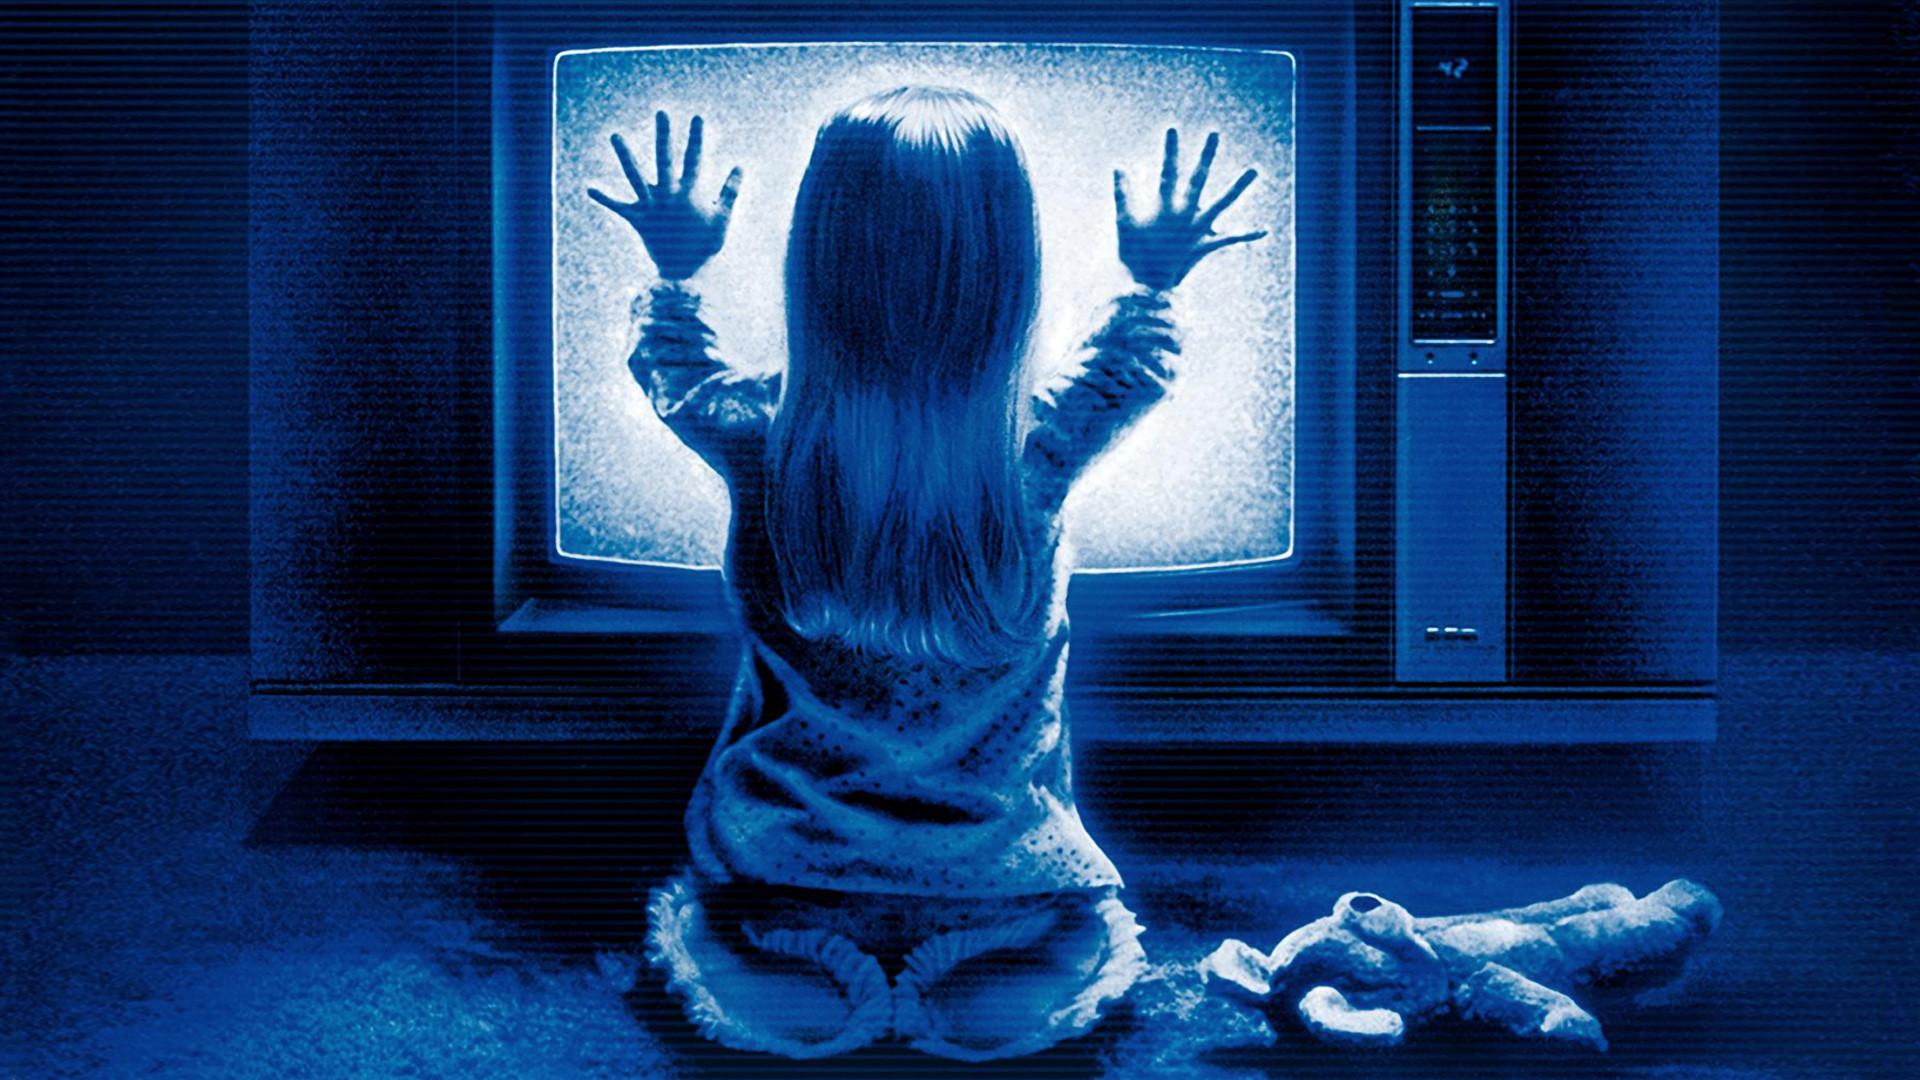 leyenda-de-los-espiritus-en-la-television